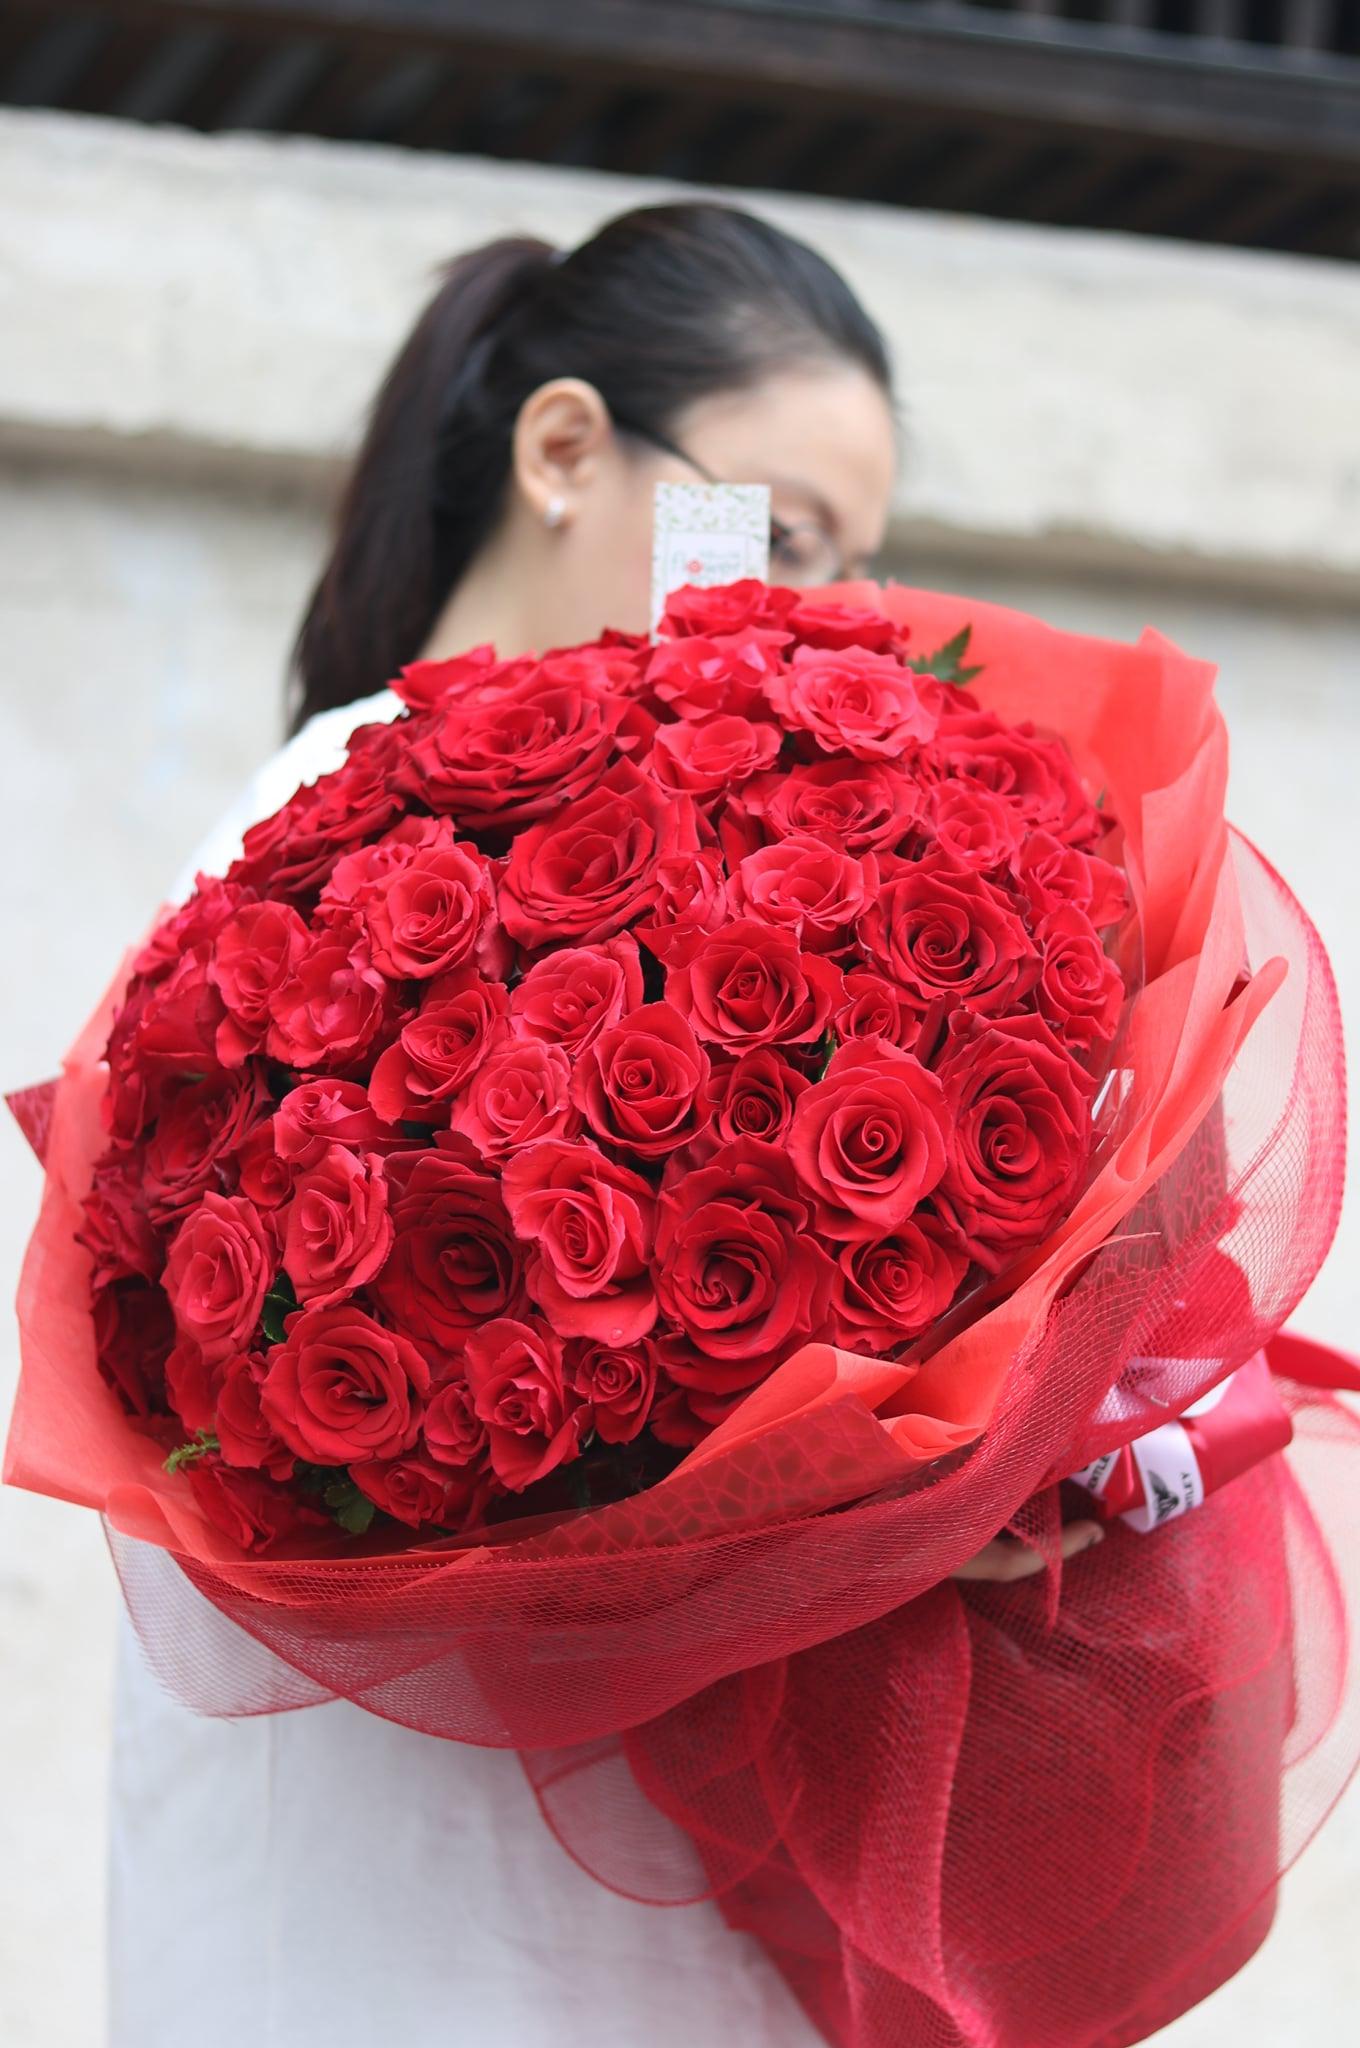 Tặng hoa sinh nhật theo sở thích người nhận